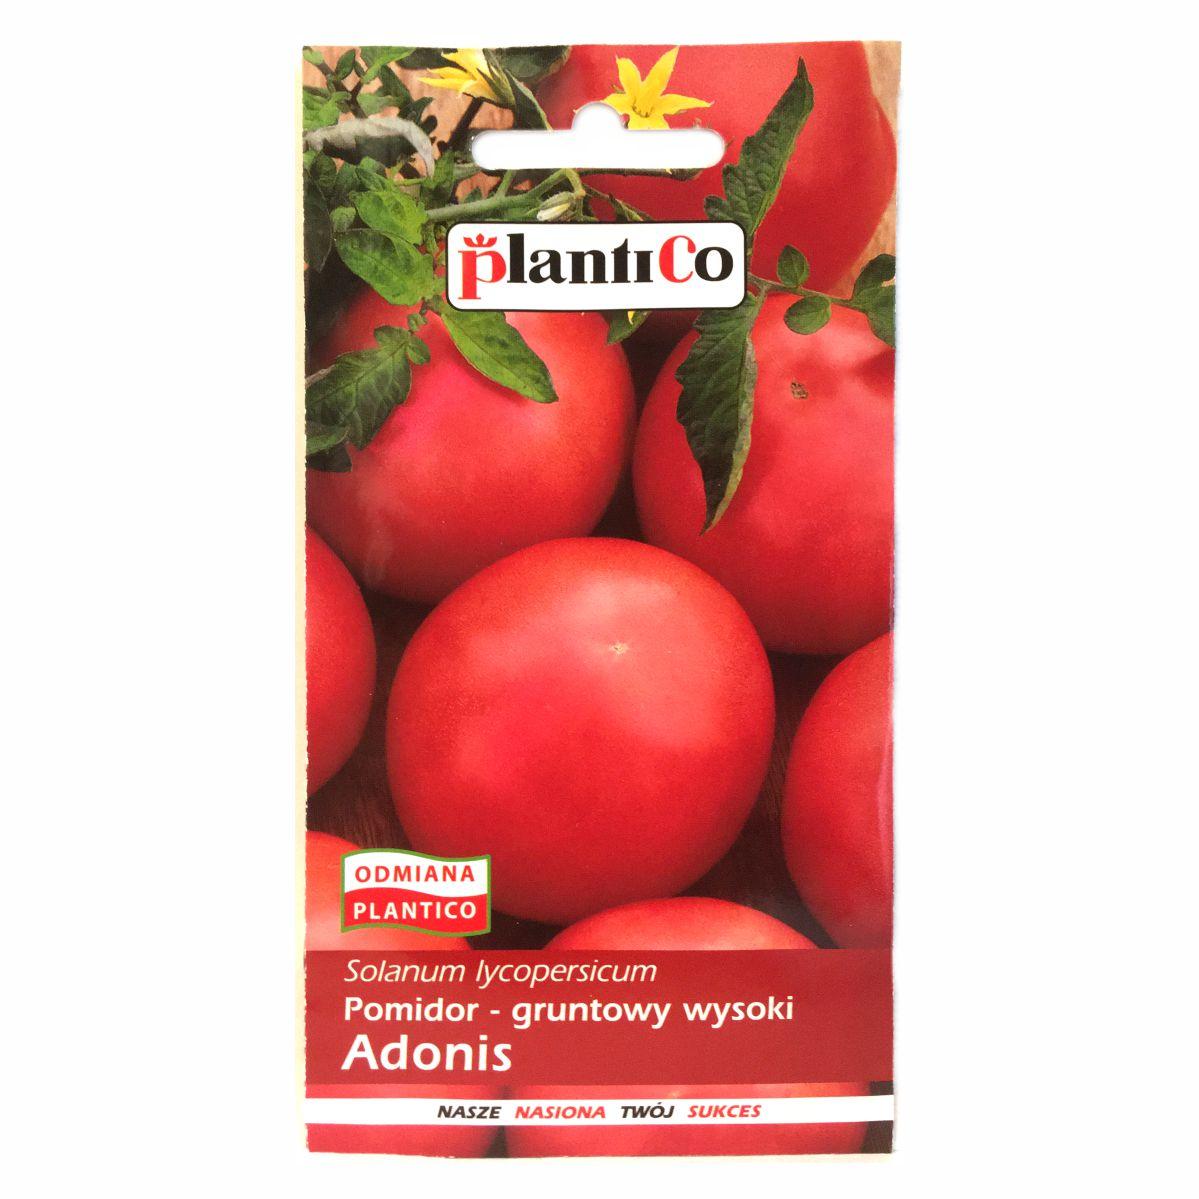 Pomidor Adonis nasiona Plantico